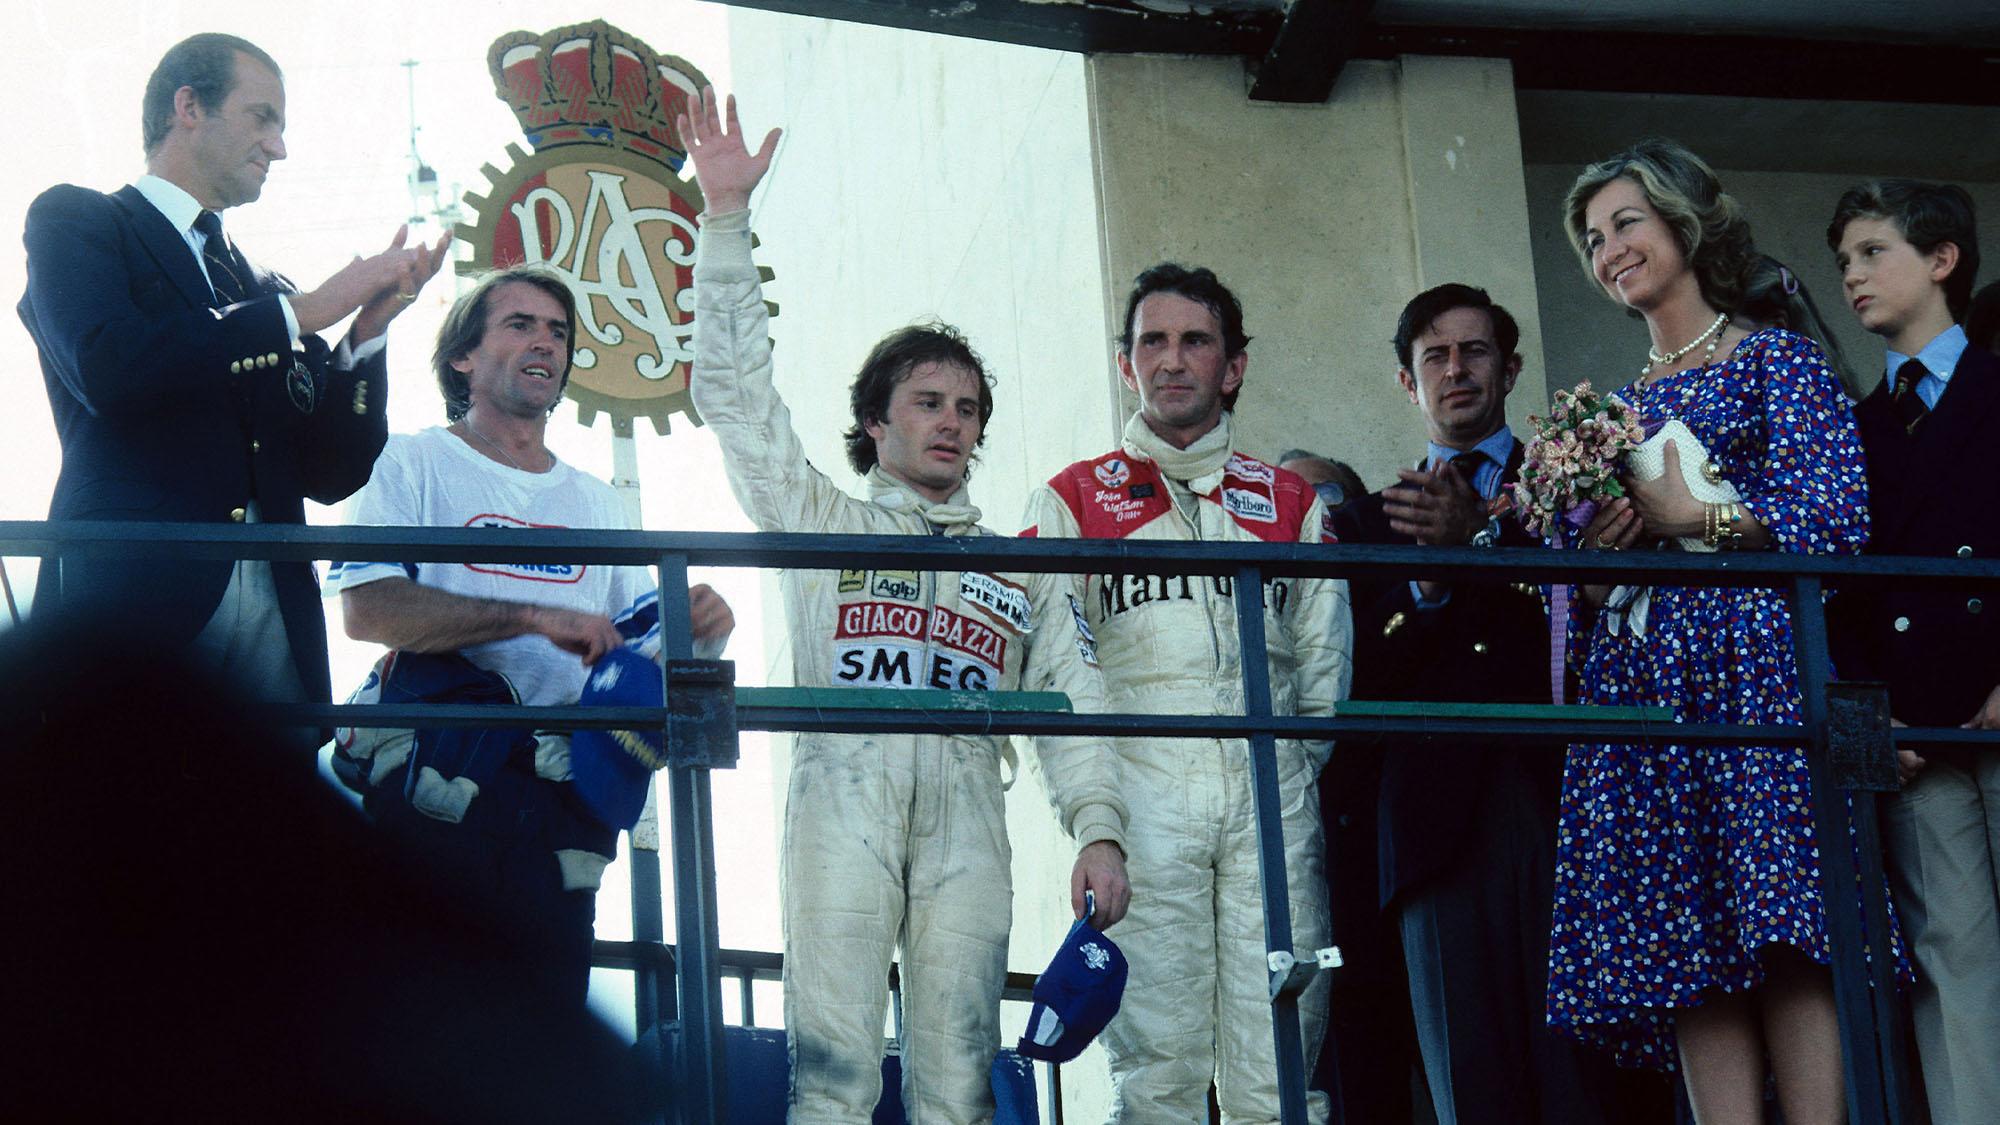 Villeneuve podium